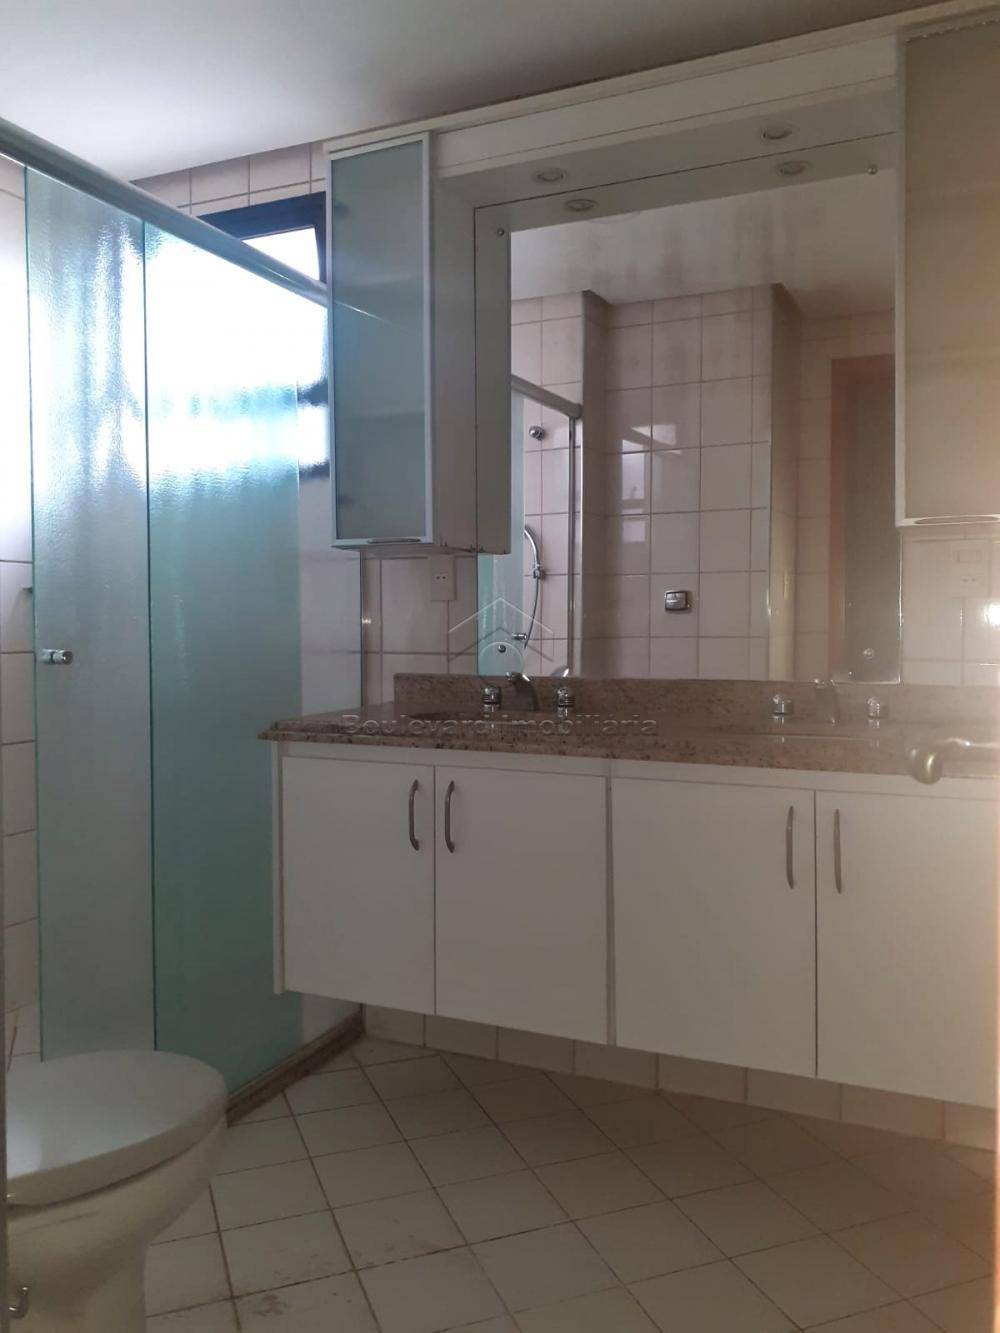 Alugar Apartamento / Padrão em Ribeirão Preto R$ 2.600,00 - Foto 19